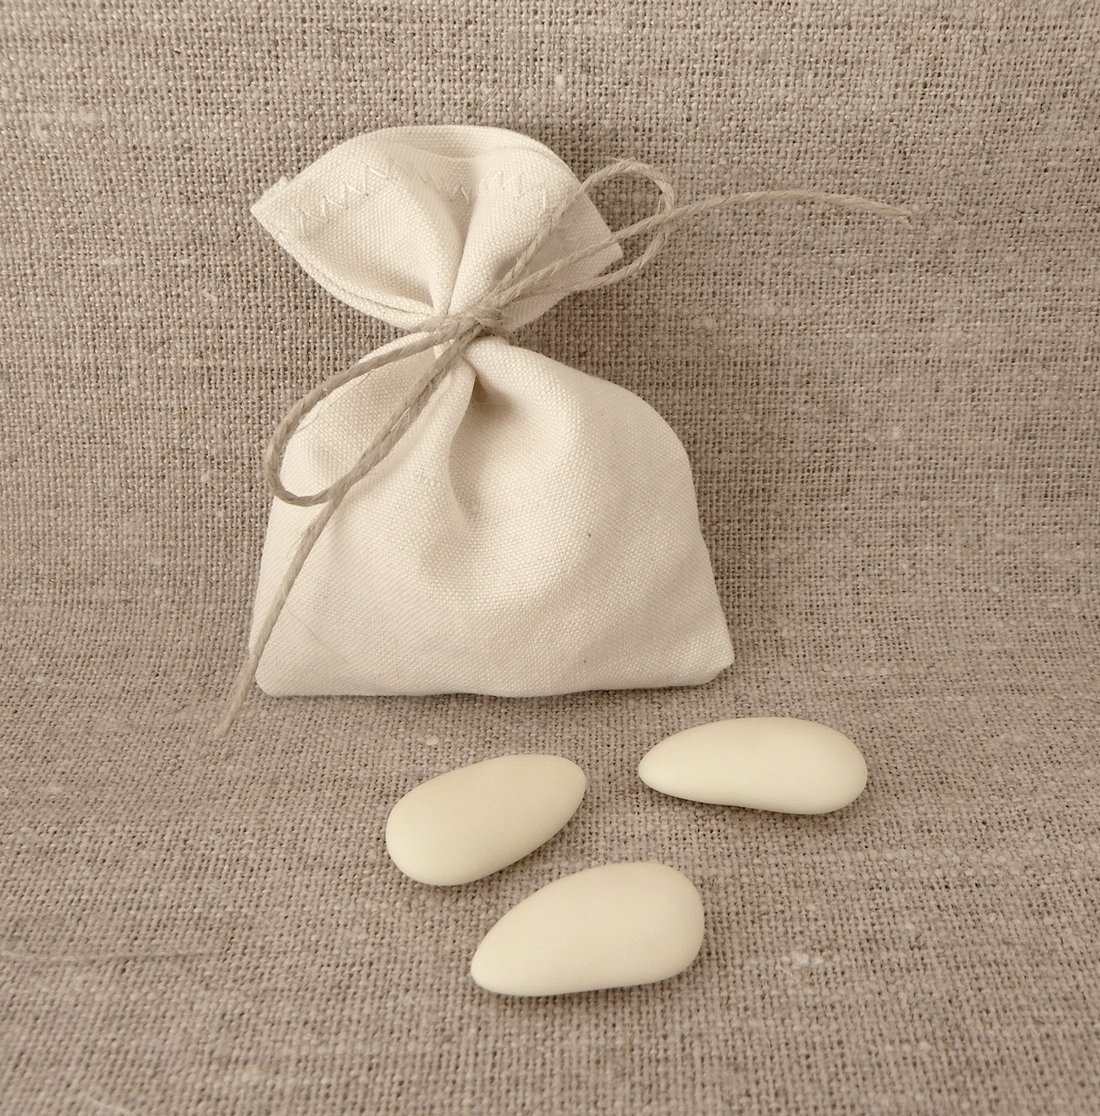 10 sac à dragées sachet à dragées pochette pochon coton ECRU naturel coton recyclé ancien 7, 5 x 10 cm SANS LIEN OU RUBAN cadeau invité à customiser à décorer pour baptême mariage communion LOT DE 10 sacs